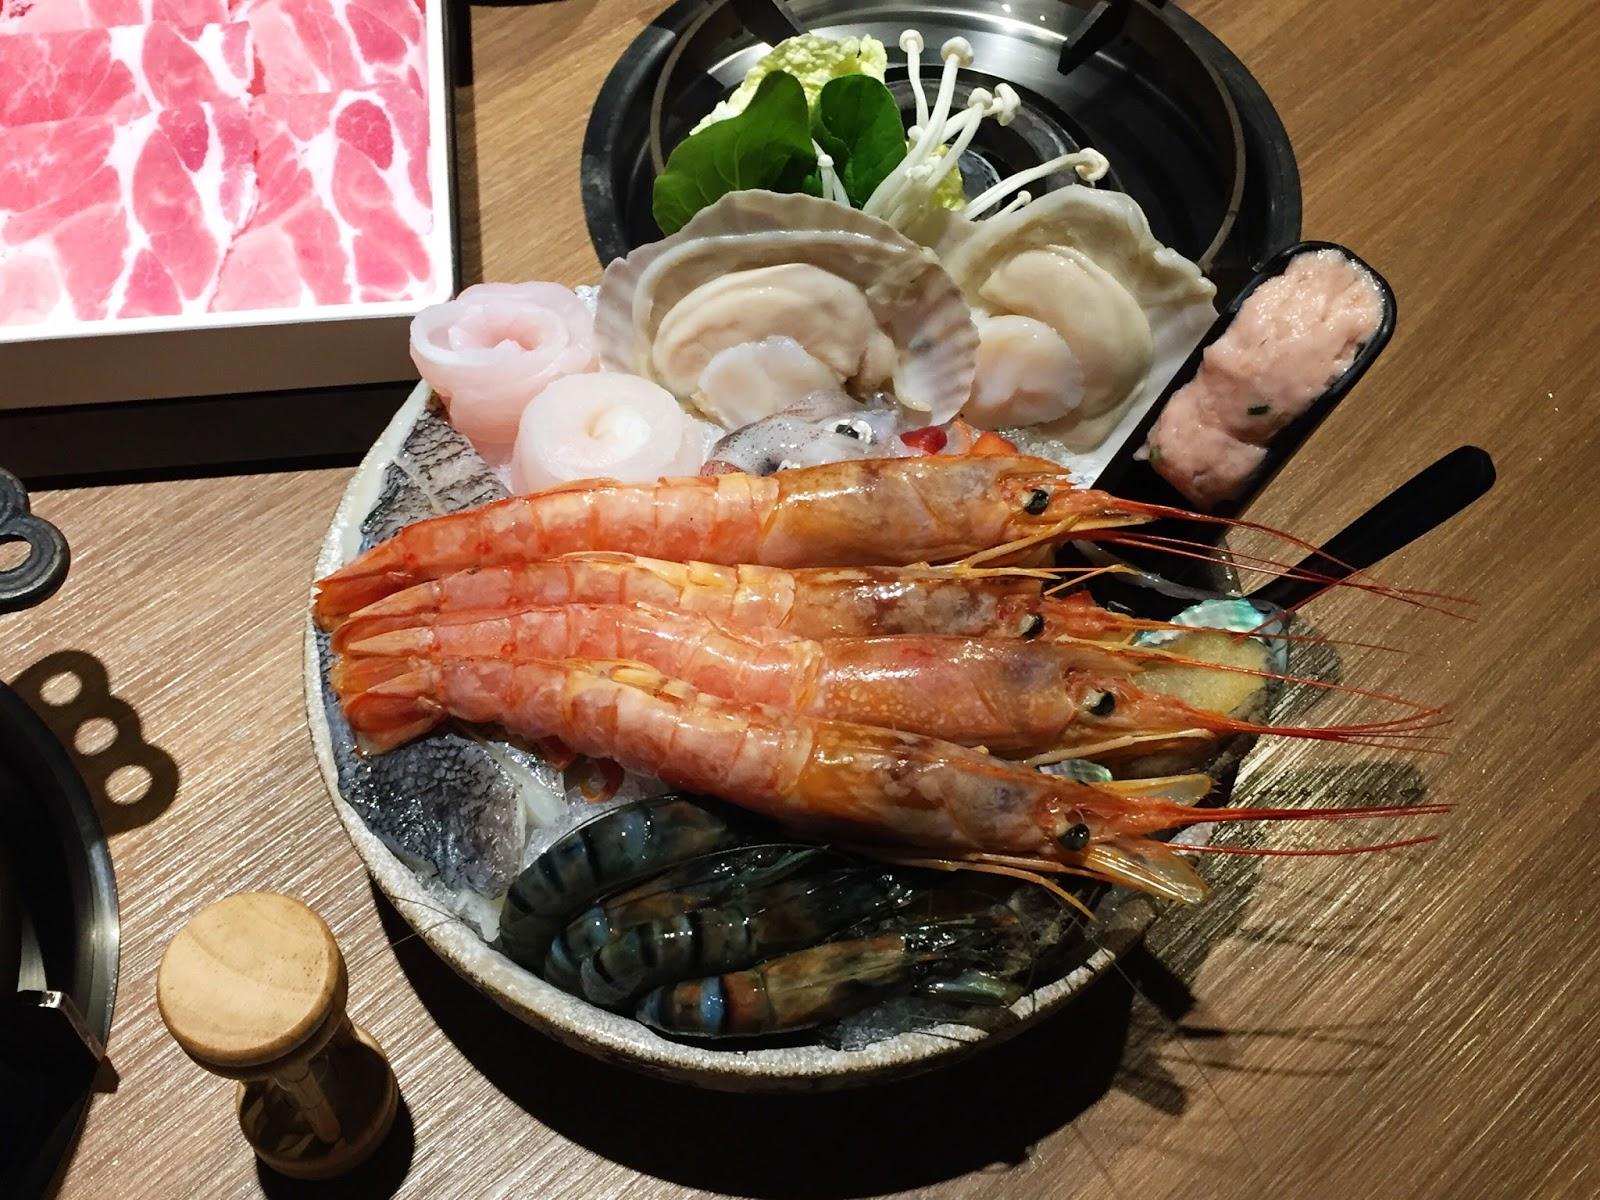 外出用餐|民生社區餐廳,以海鮮食材為主的火鍋店 - 小當家海鮮鍋物